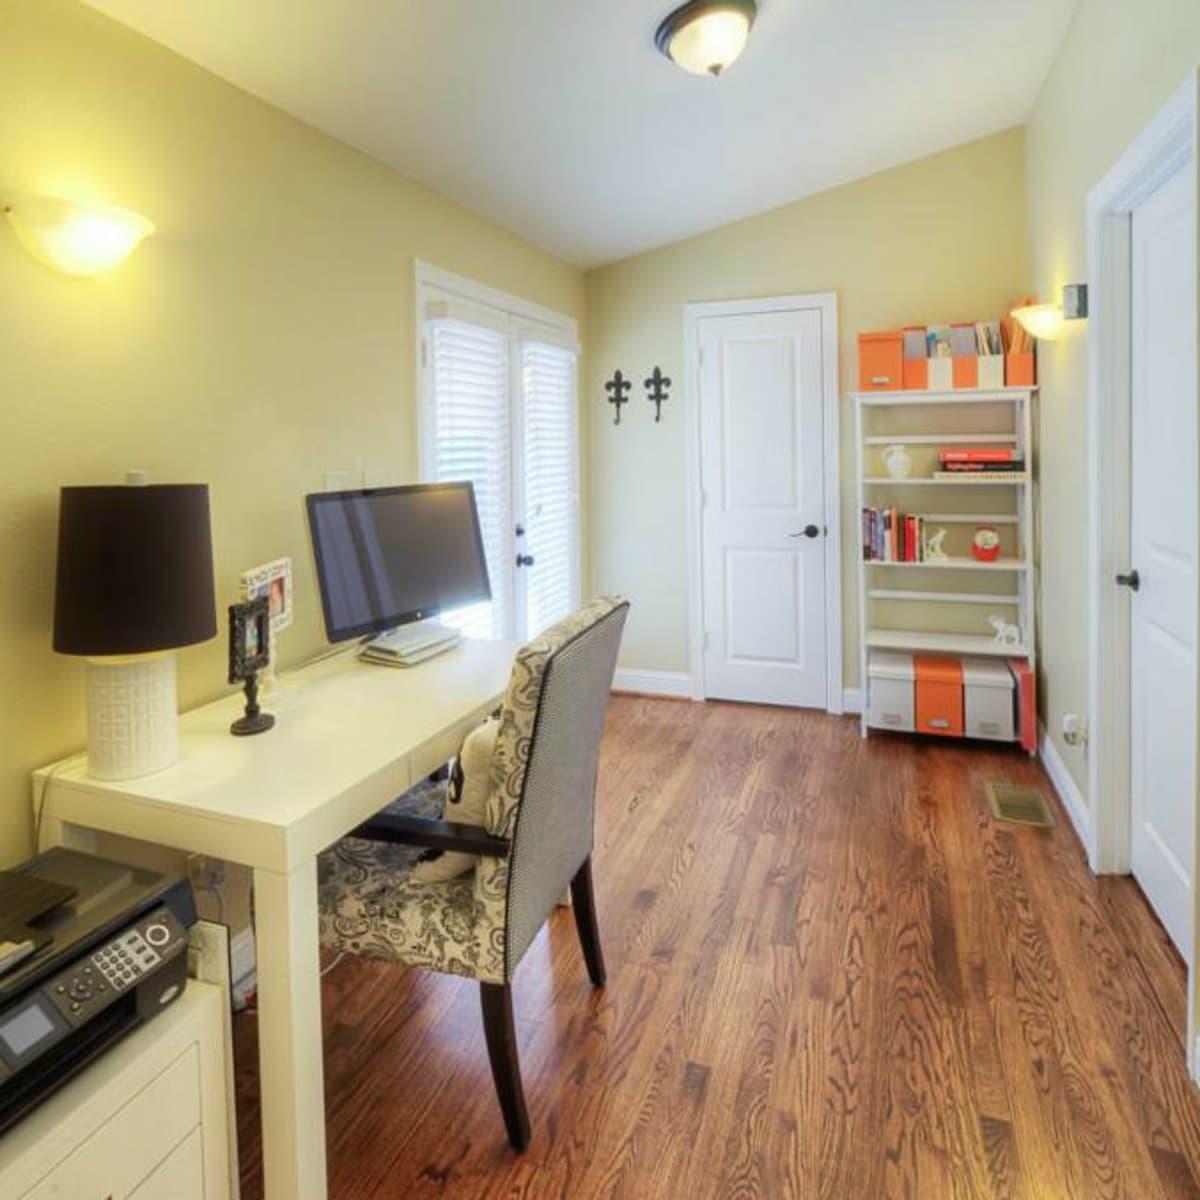 5830 Goodwin house for sale Dallas